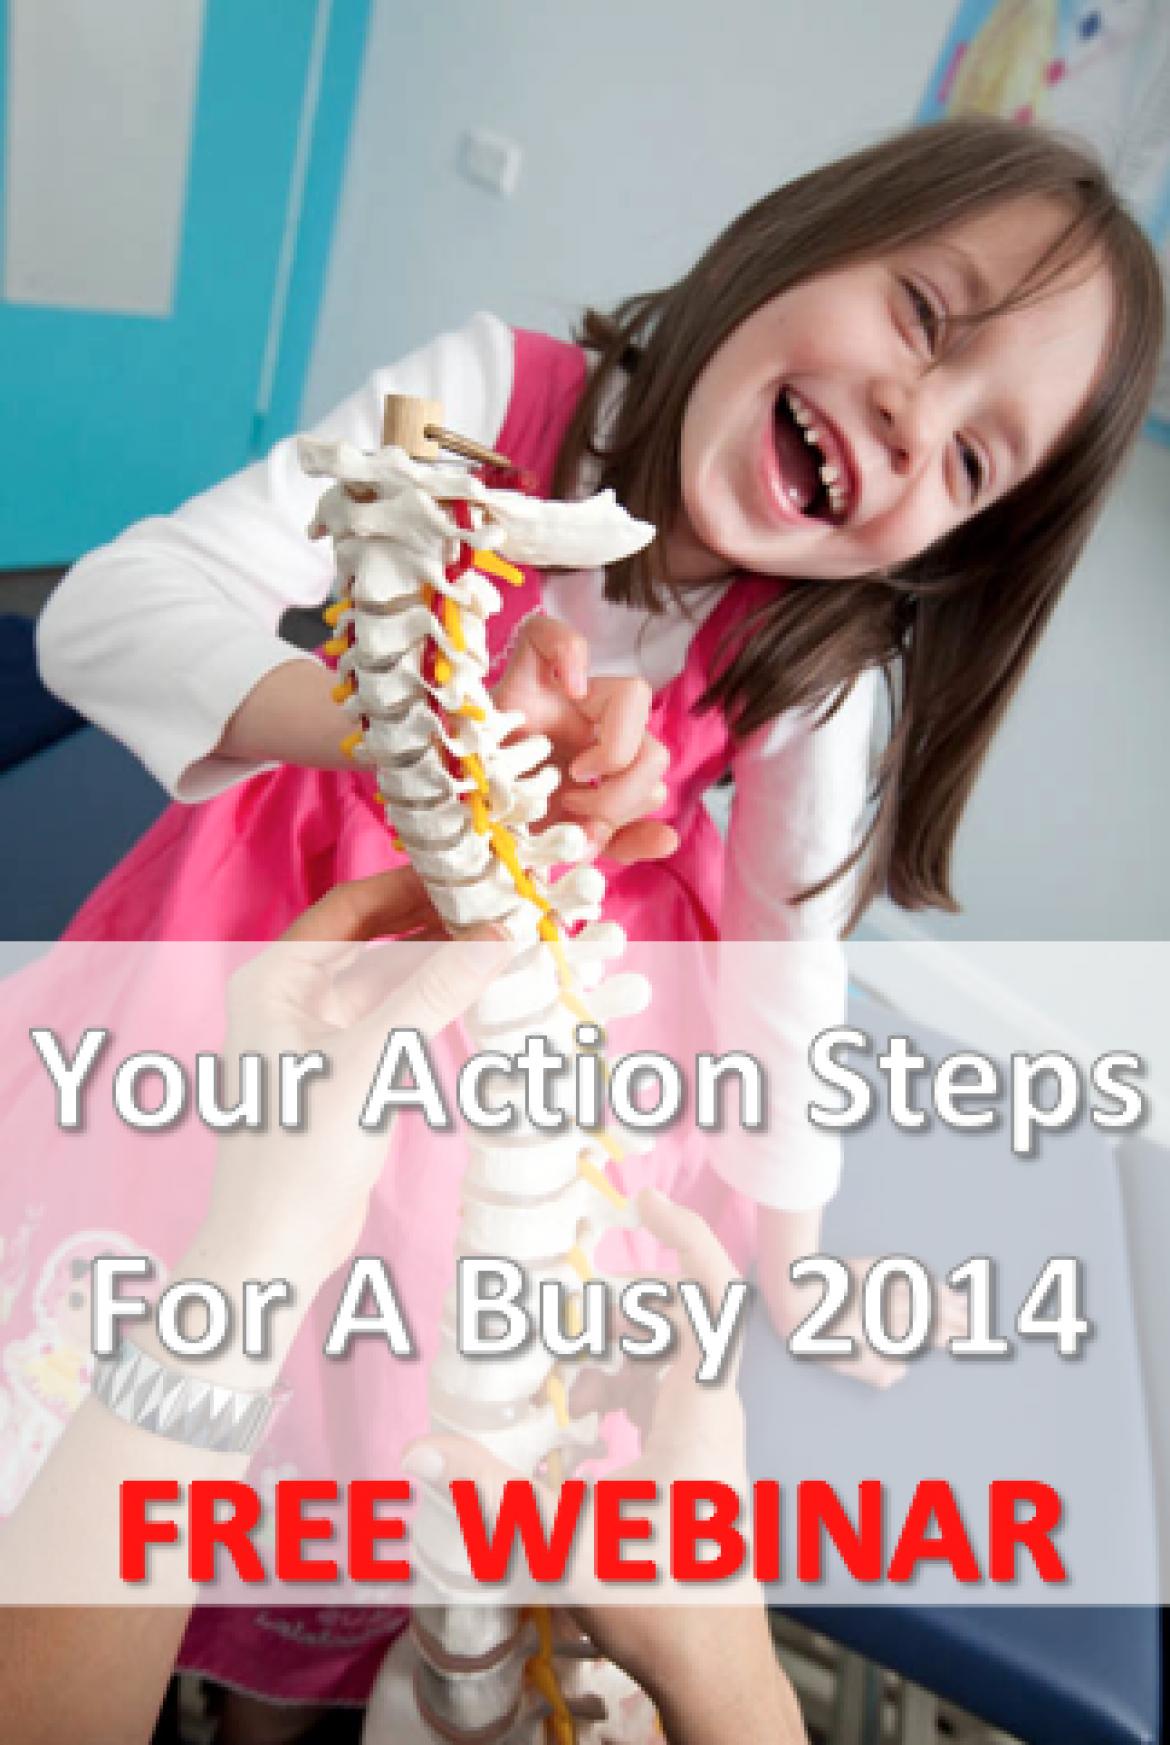 Free Webinar: Action Steps For Jan/Feb 2014